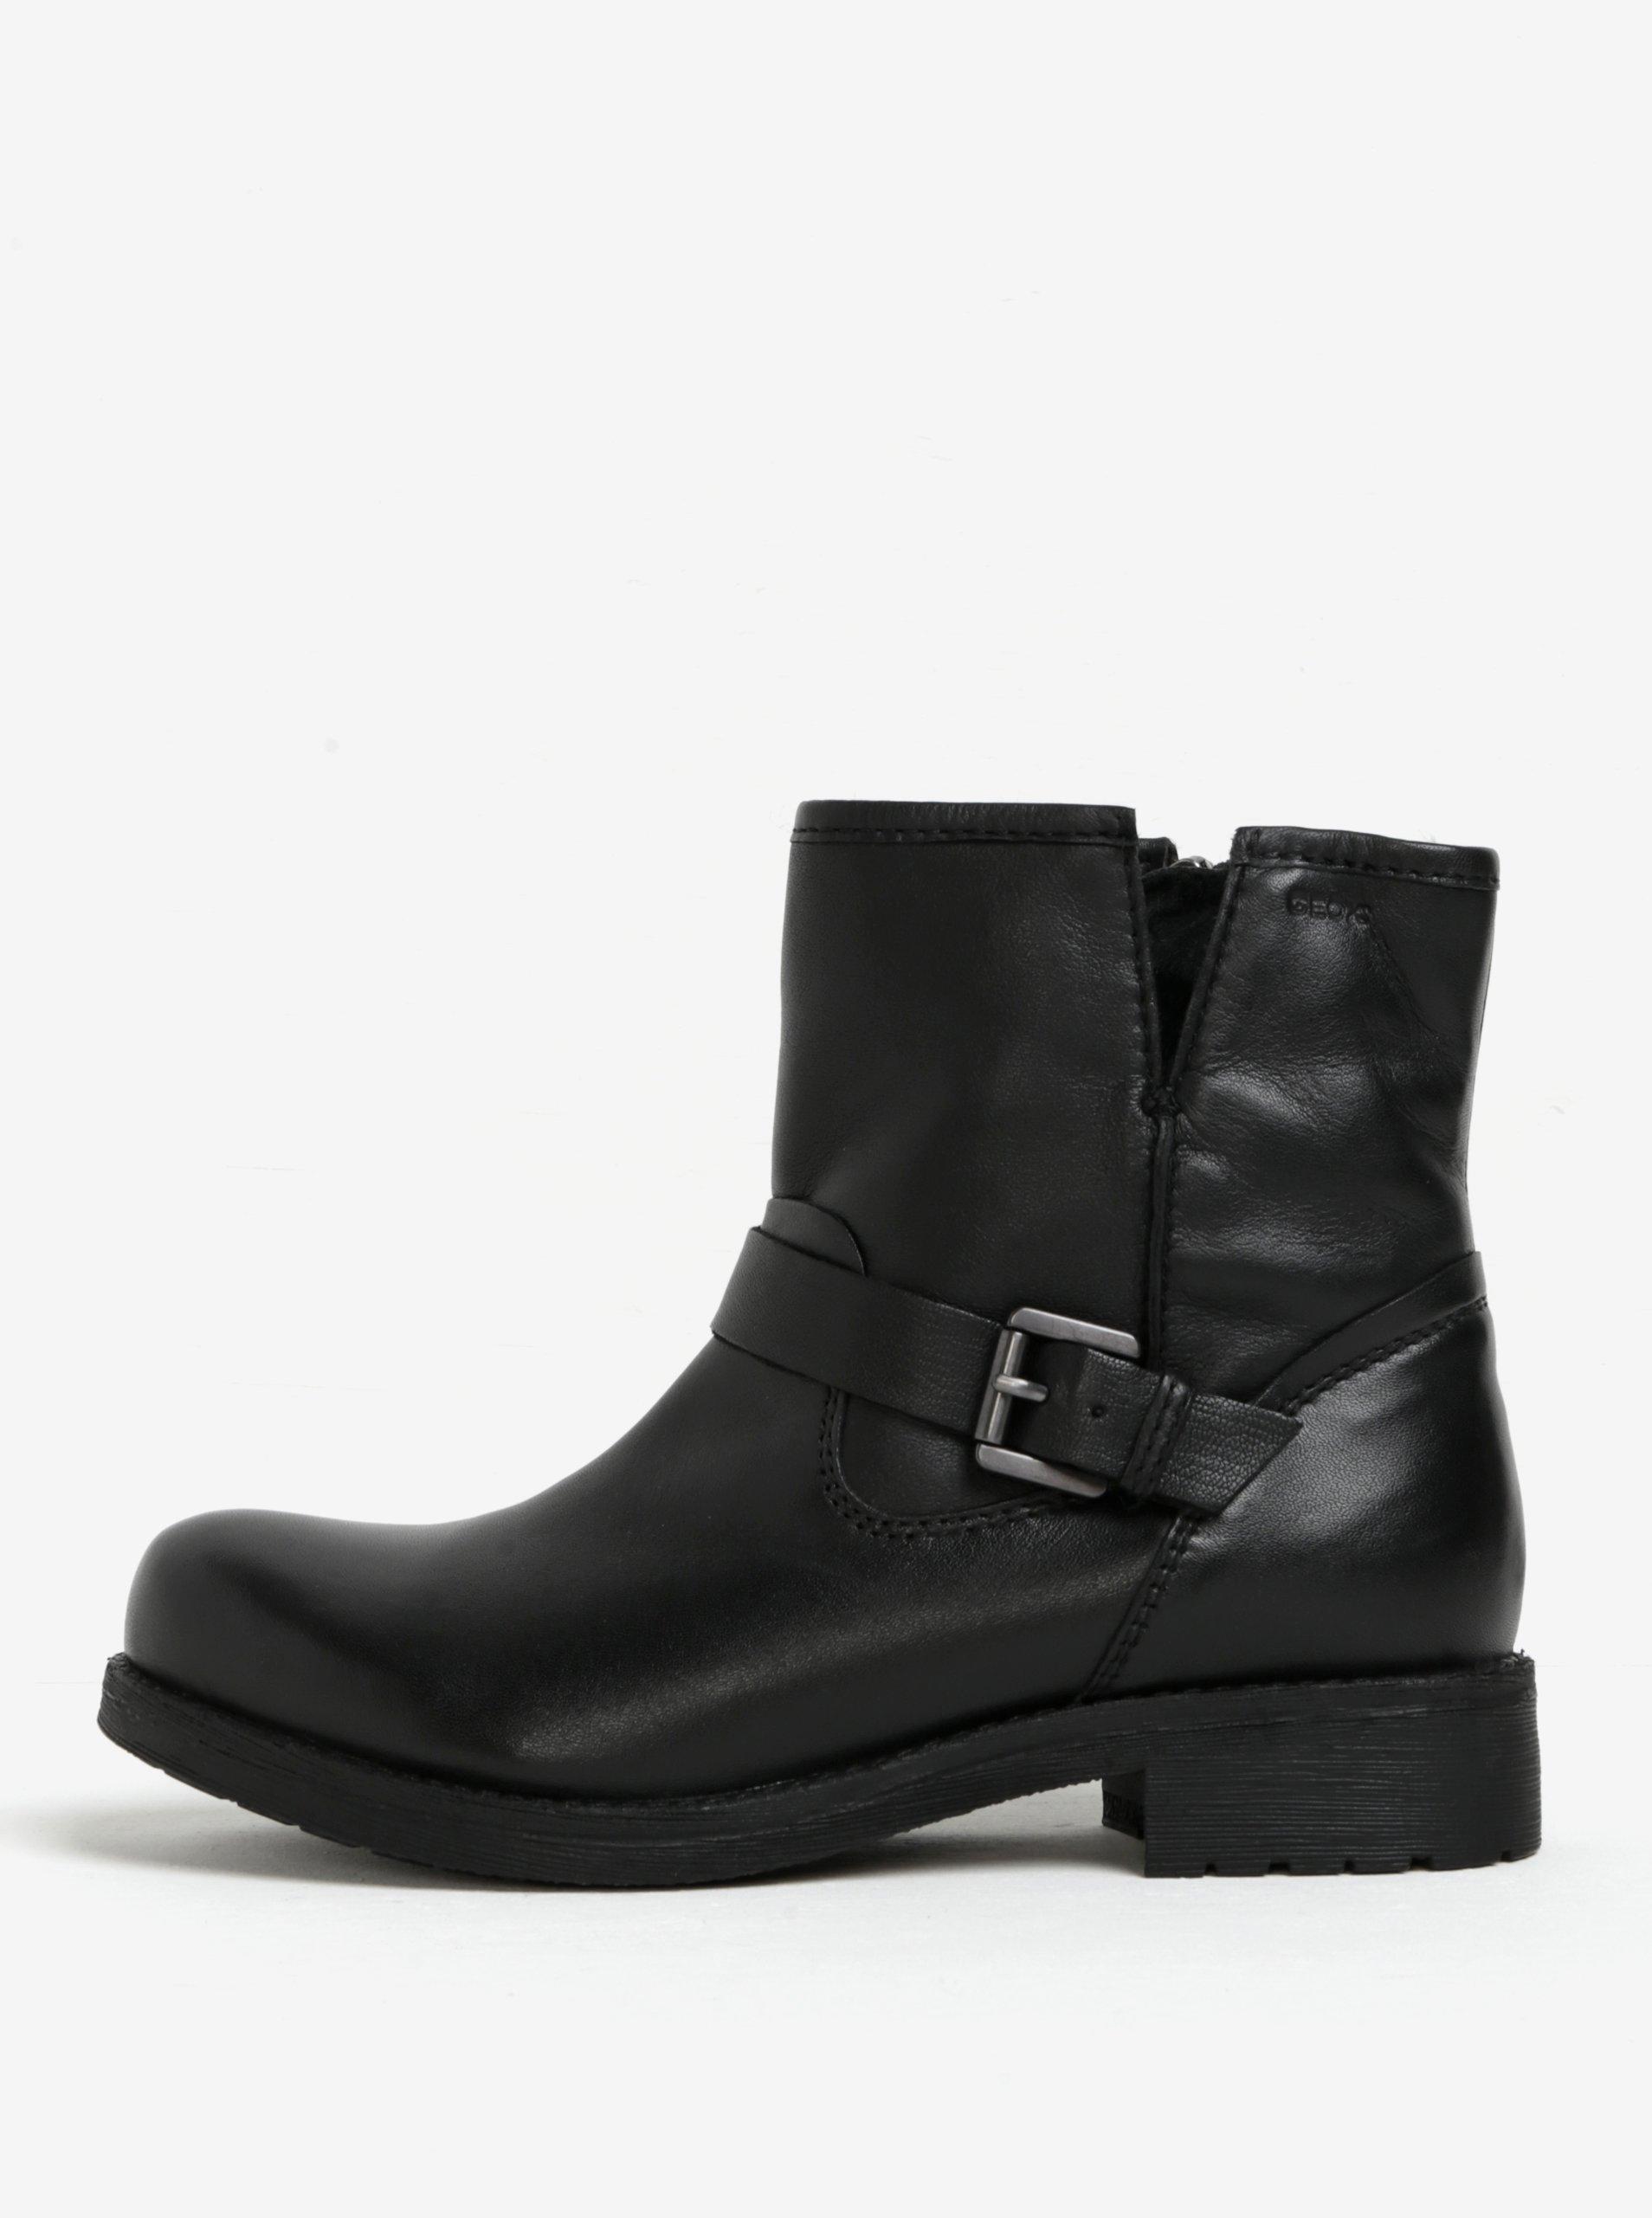 936a3030165ec Čierne dámske kožené členkové topánky s prackou Geox New Virna | Moda.sk